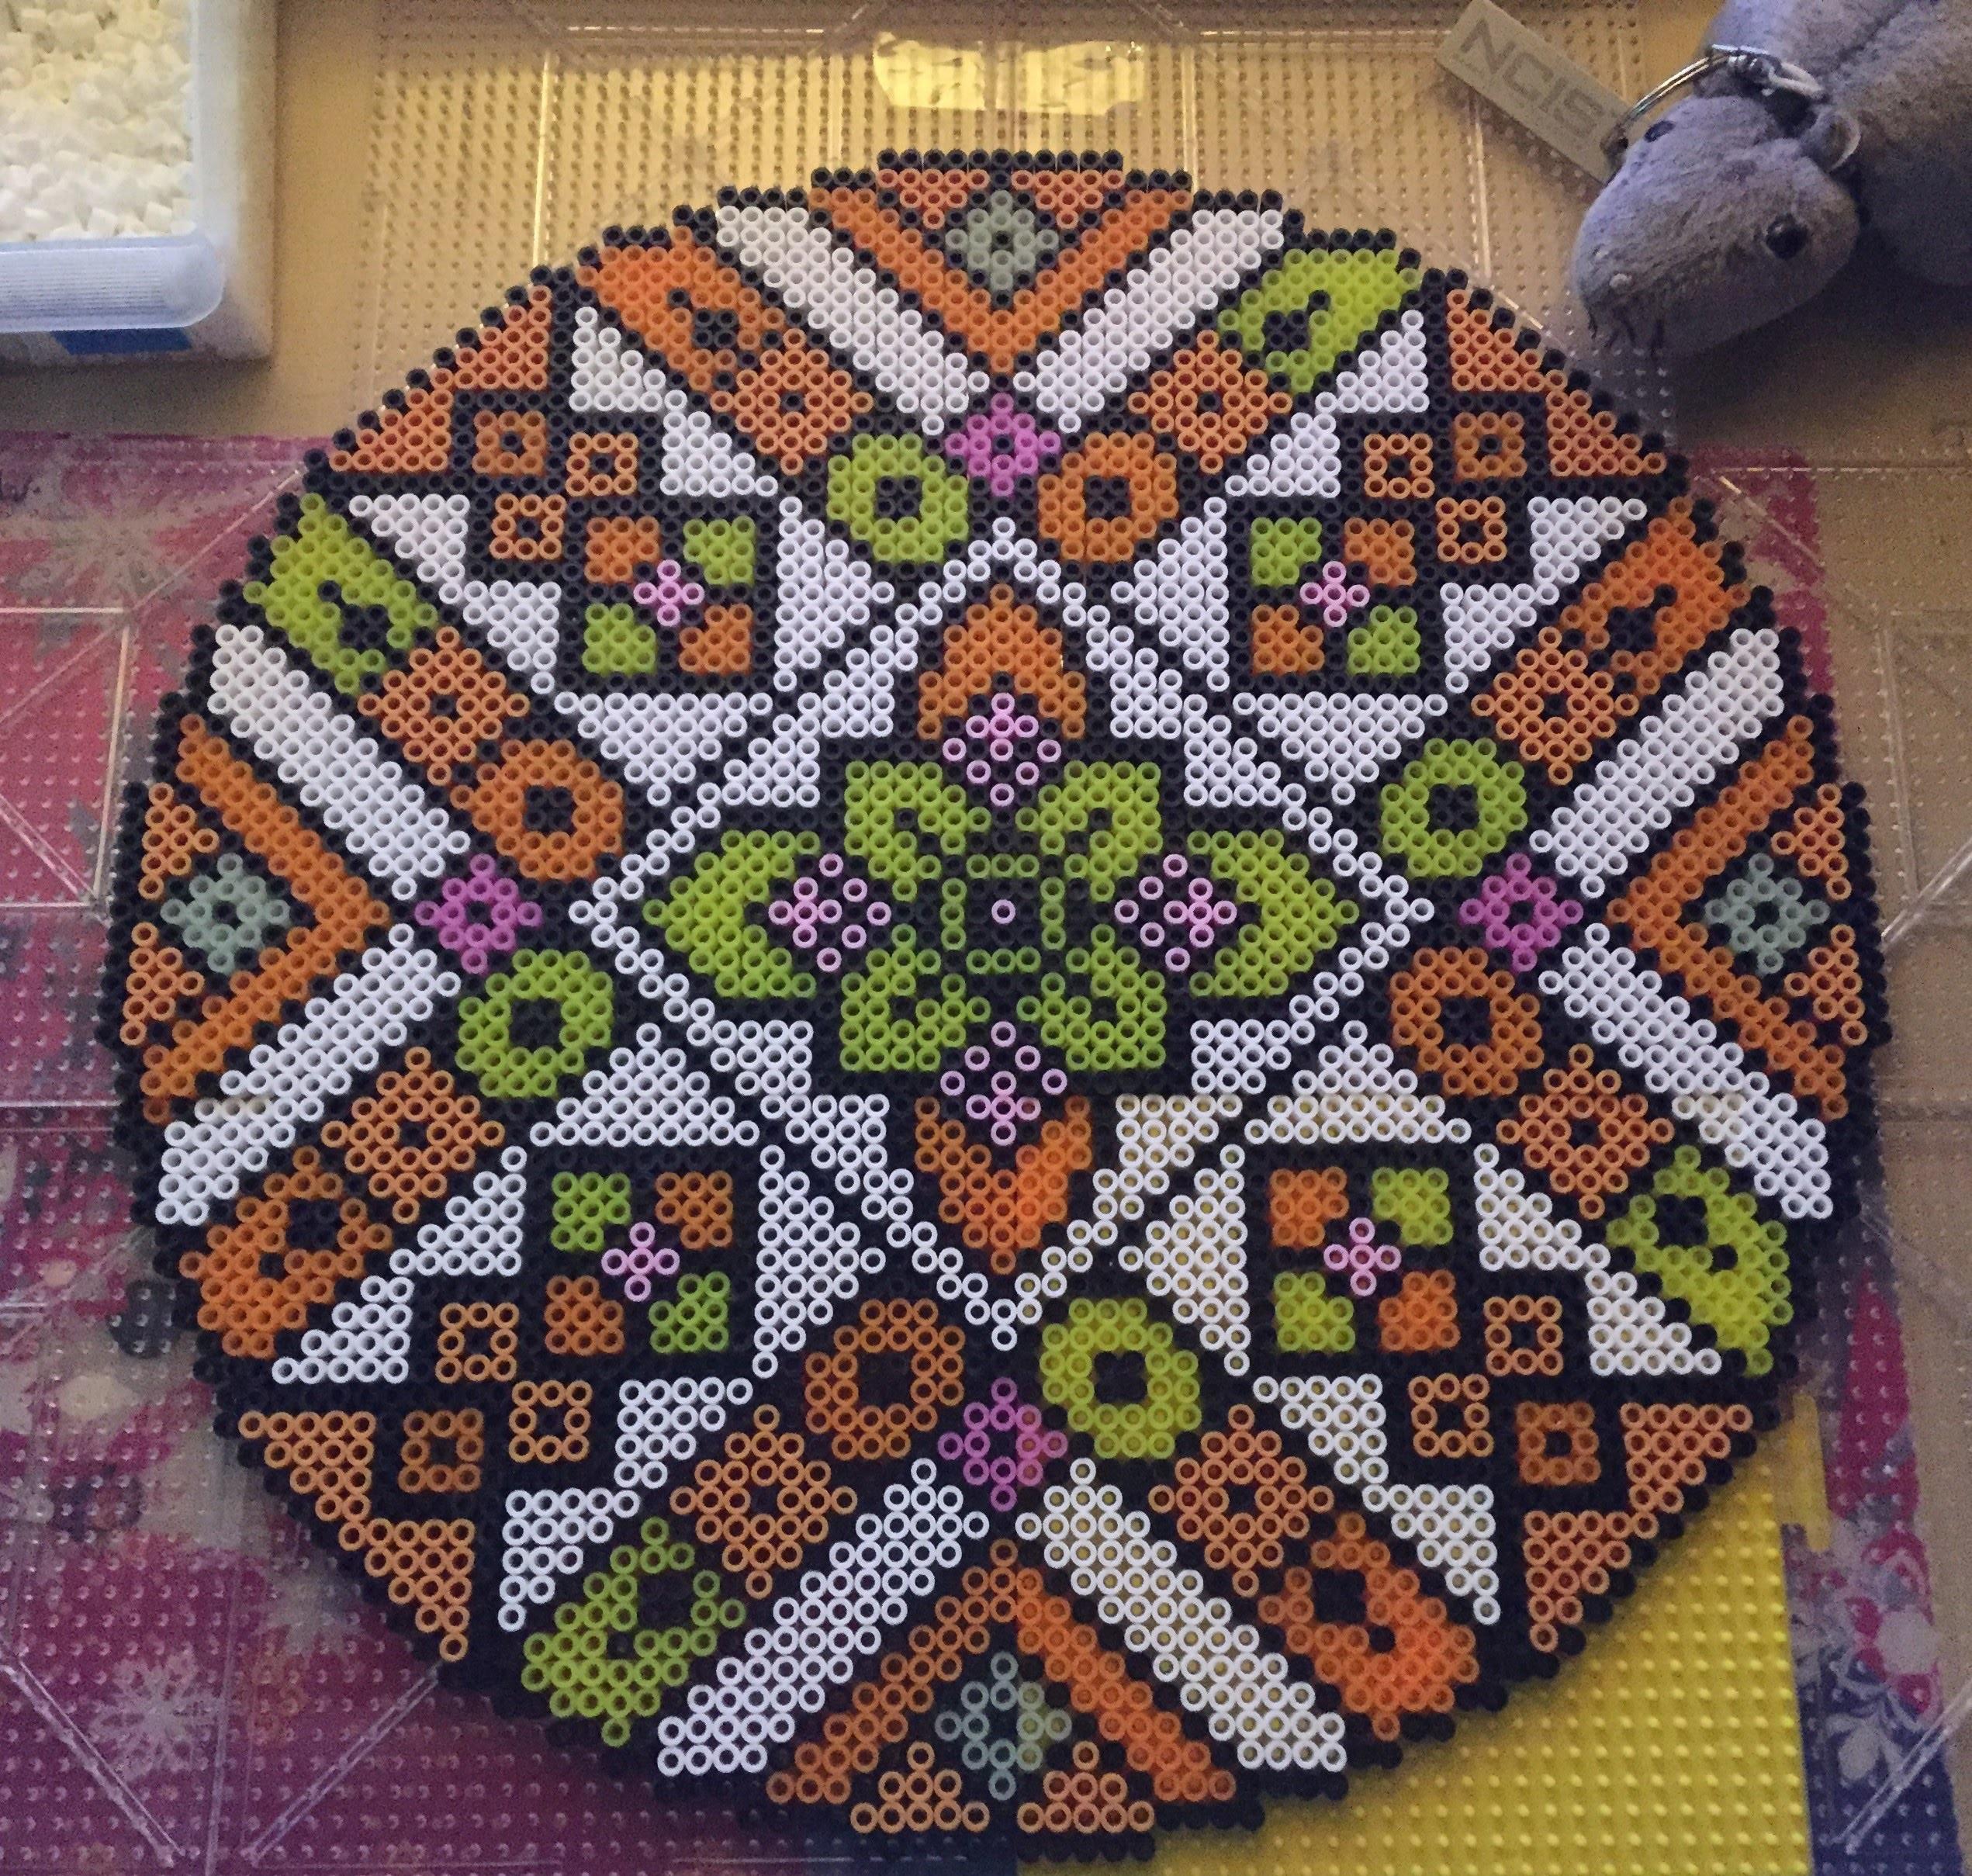 [Tutorial] Perler Bead Mandala